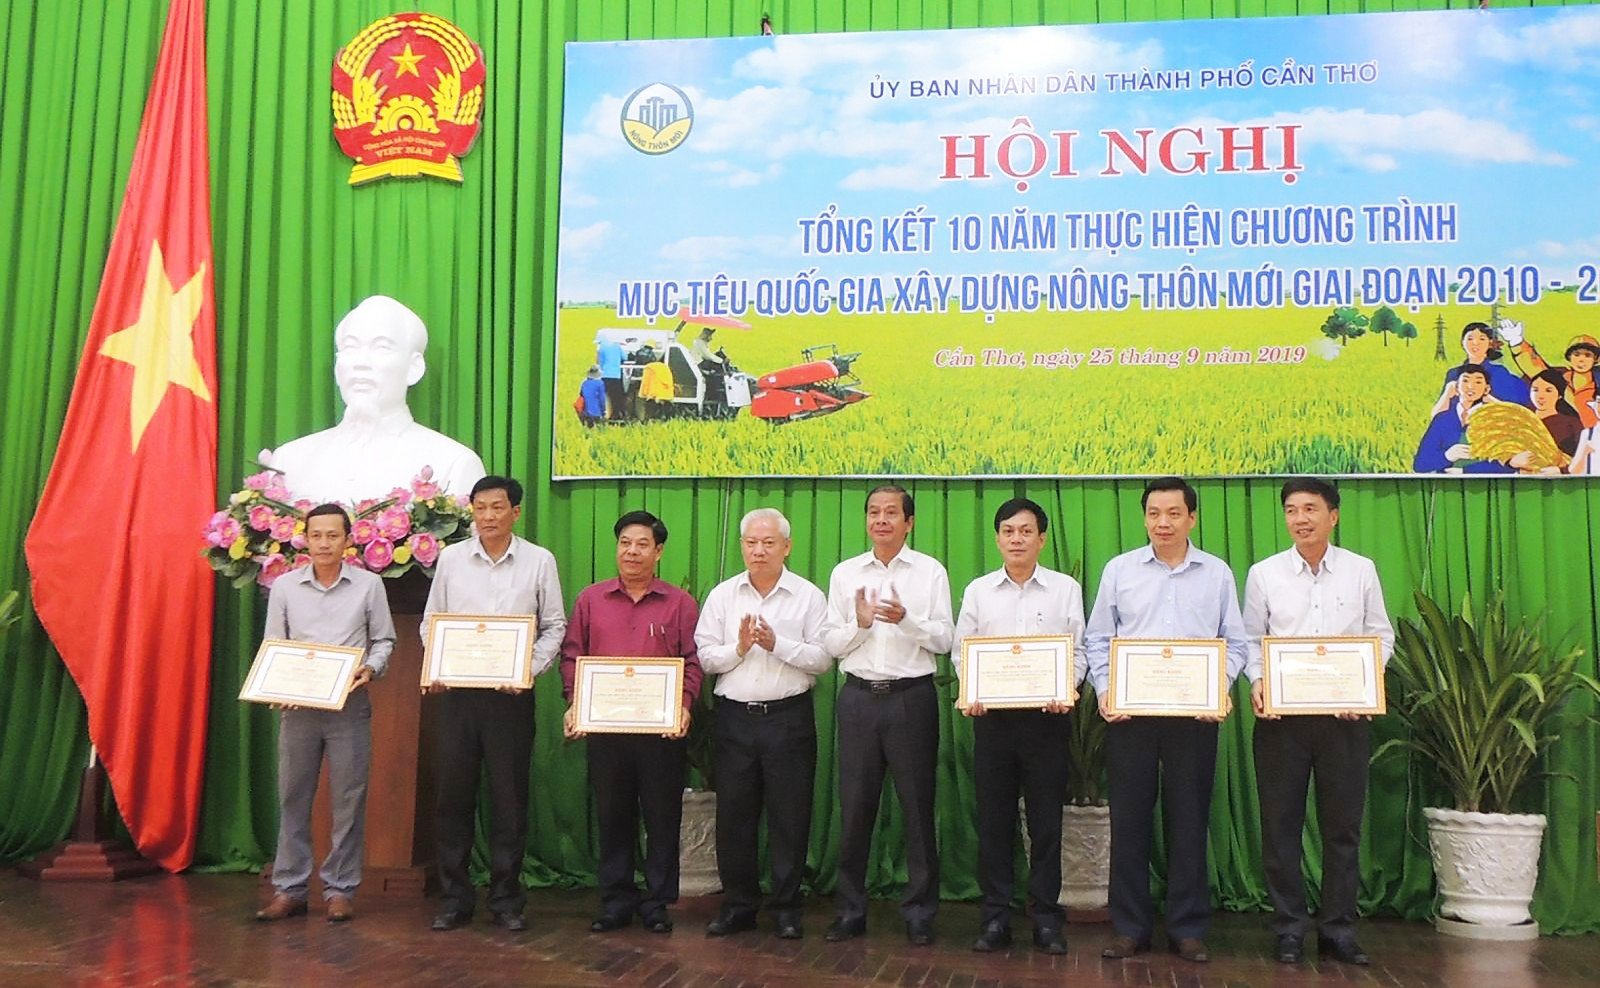 UBND TP Cần Thơ tặng Bằng khen cho các tập thể có đóng góp xuất sắc cho phong trào XDNTM của thành phố 10 năm qua.